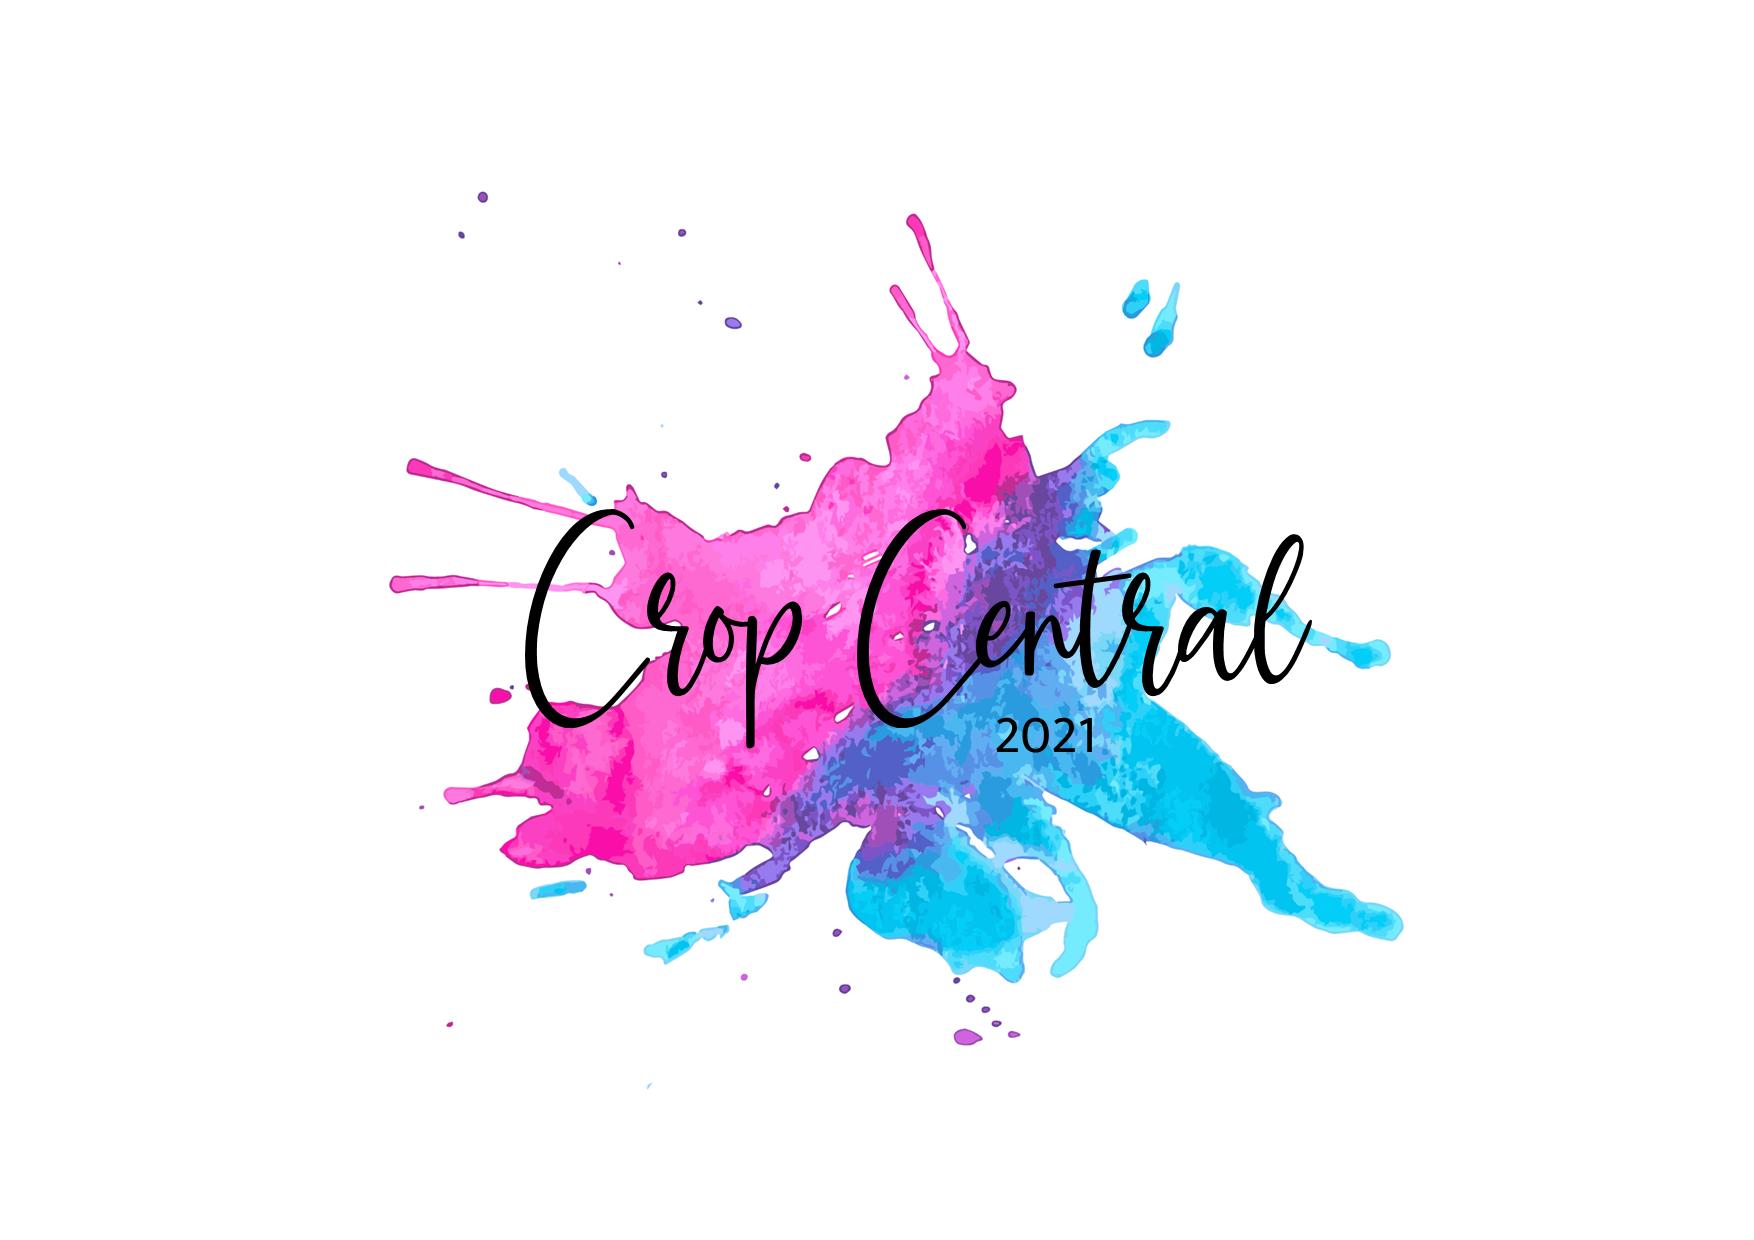 Crop Central - August 7 2021